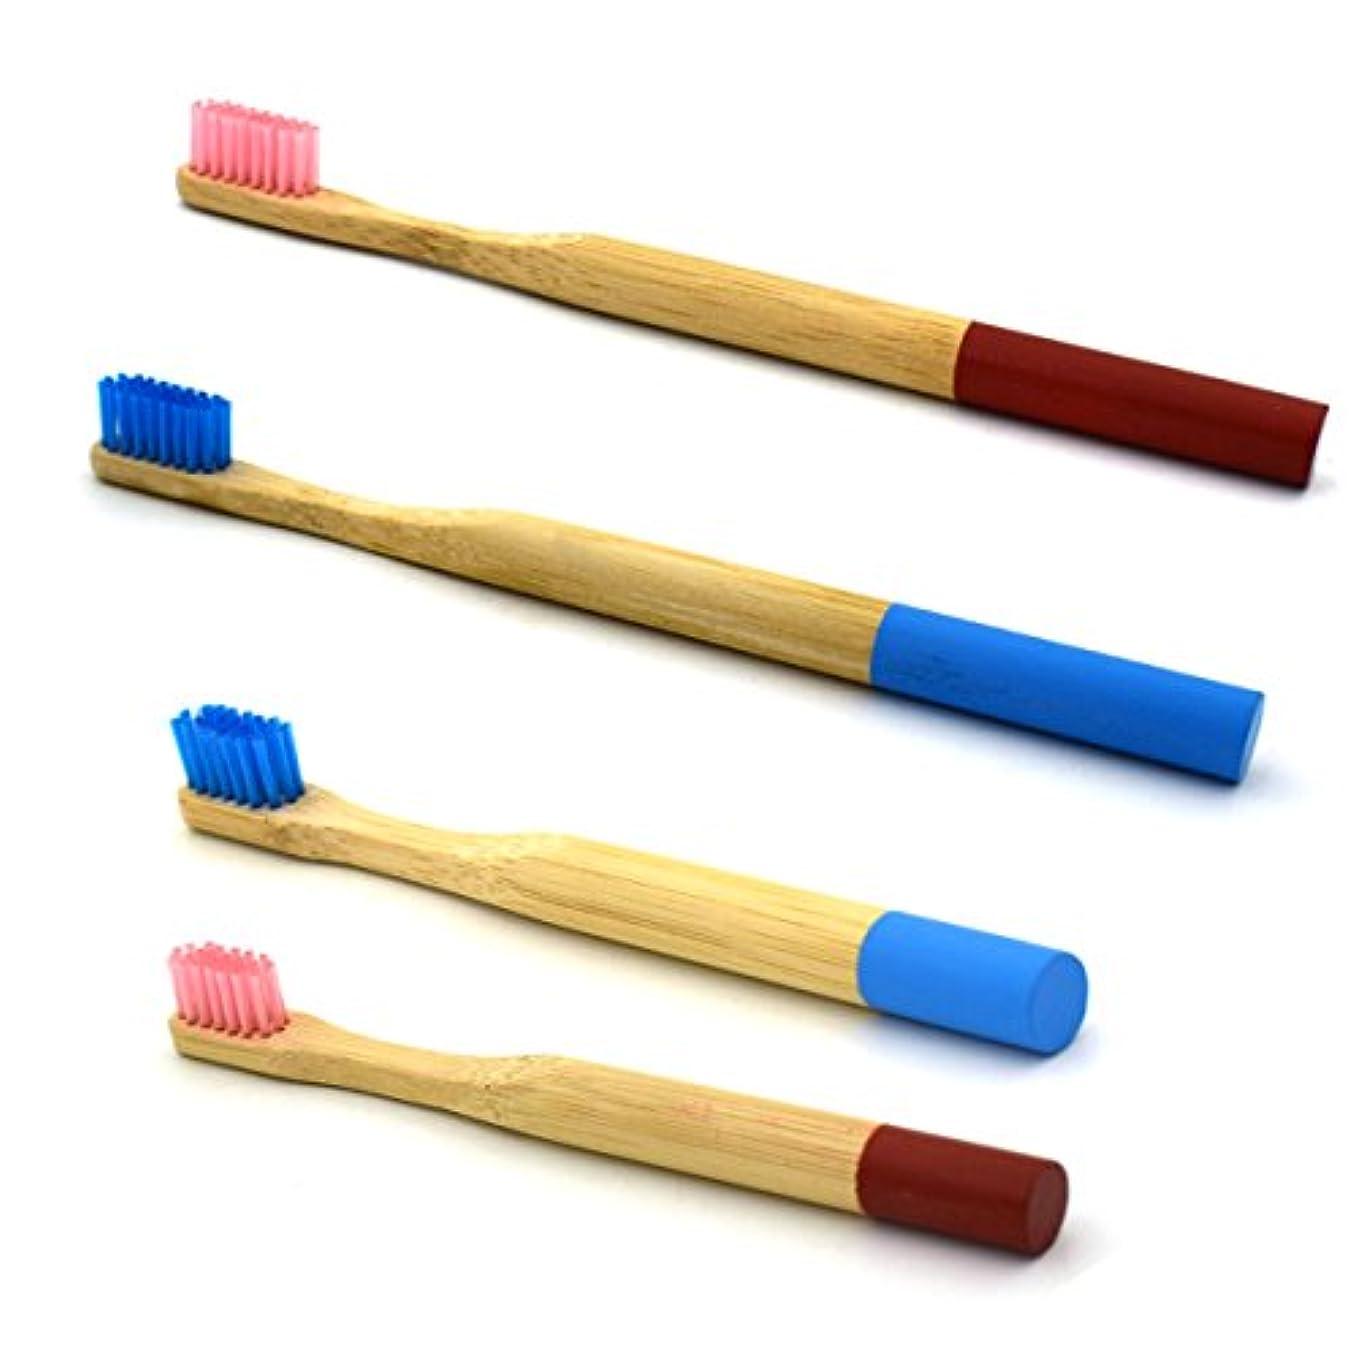 遊び場緩むはねかけるROSENICE 2組 竹の歯ブラシ 自然な竹エコフレンドリーな柔らかい毛の旅行の歯ブラシ(青+ピンク)